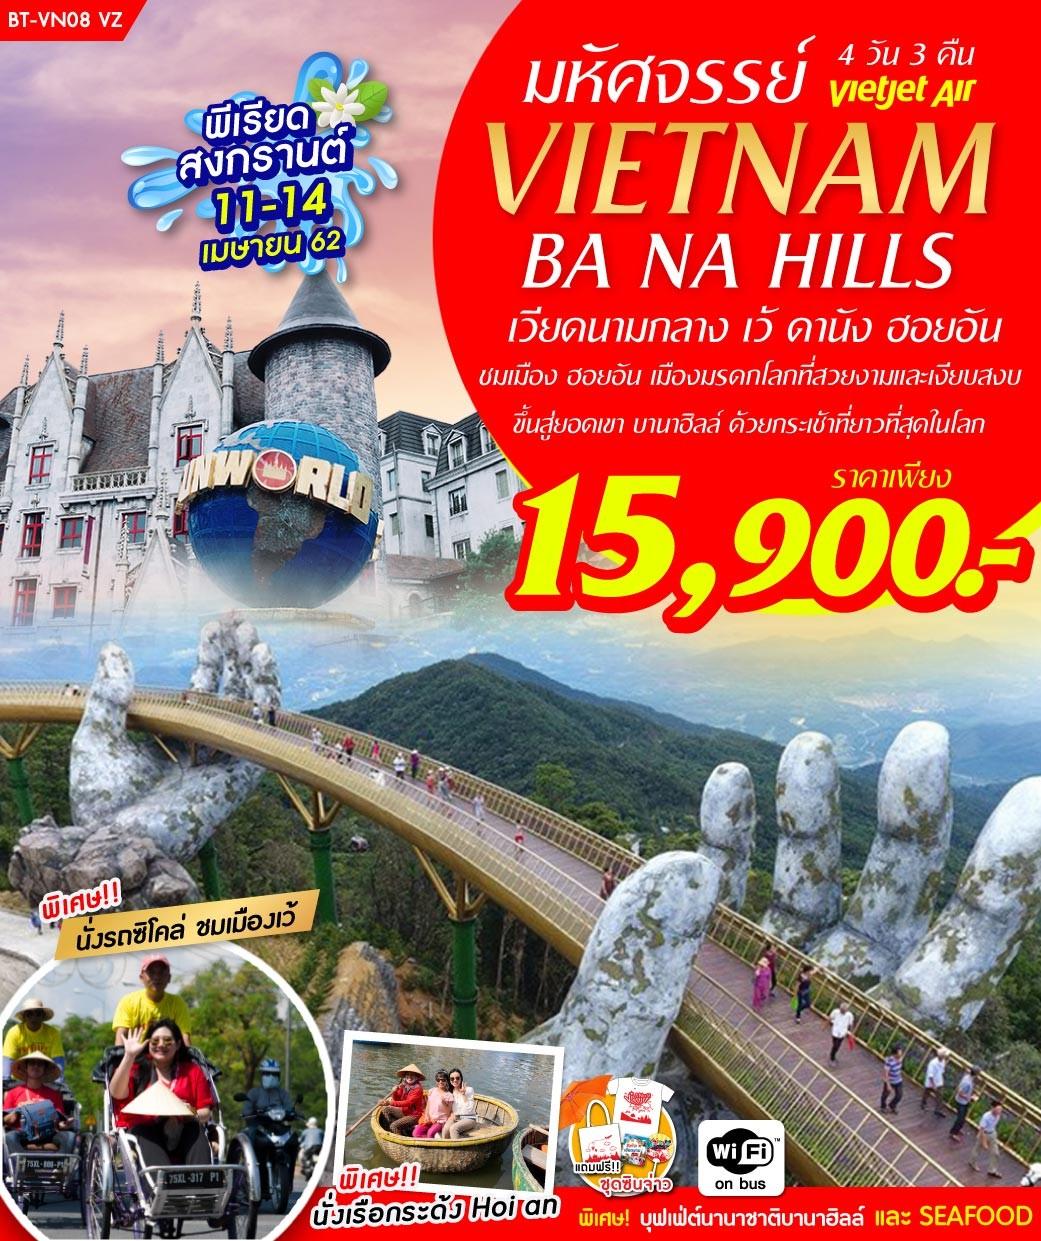 สงกรานต์-เวียดนามกลาง-เว้-ดานัง-ฮอยอัน-4วัน-3คืน-(VZ)(11APR'19)-BT-VN08